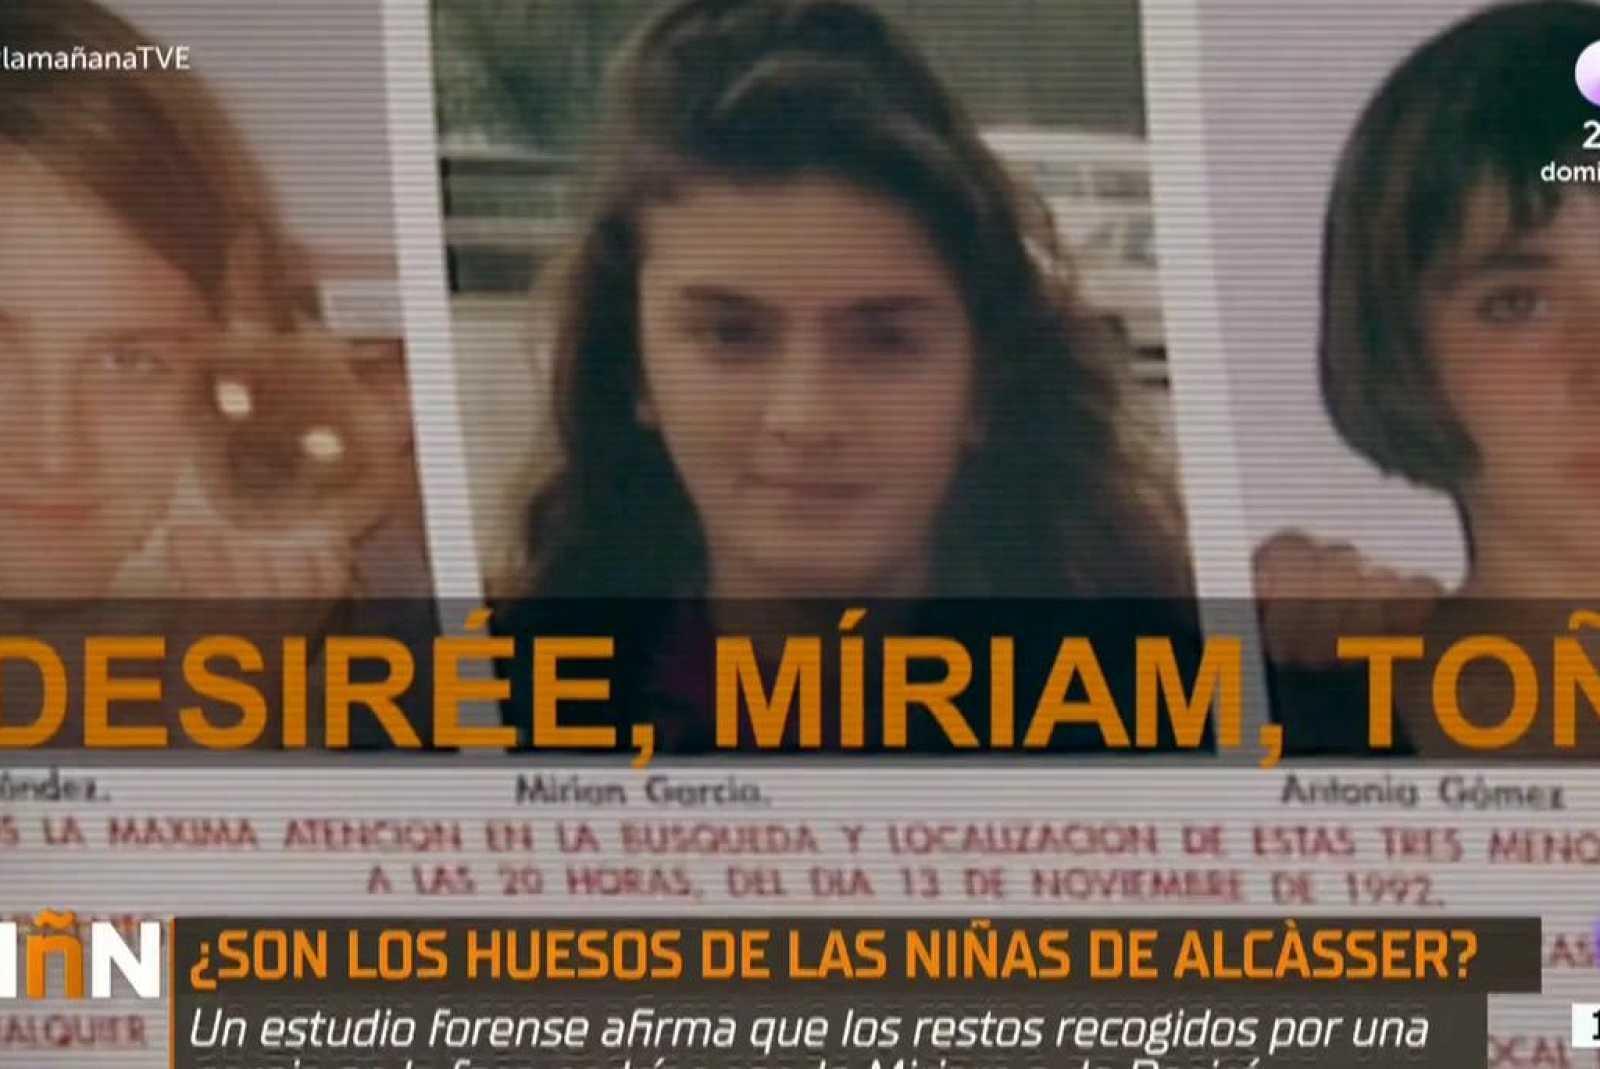 """La Mañana - Nuevo giro en el caso de las niñas de Alcàsser:  """"No hay otra hipótesis que demuestre que esos huesos no pe"""